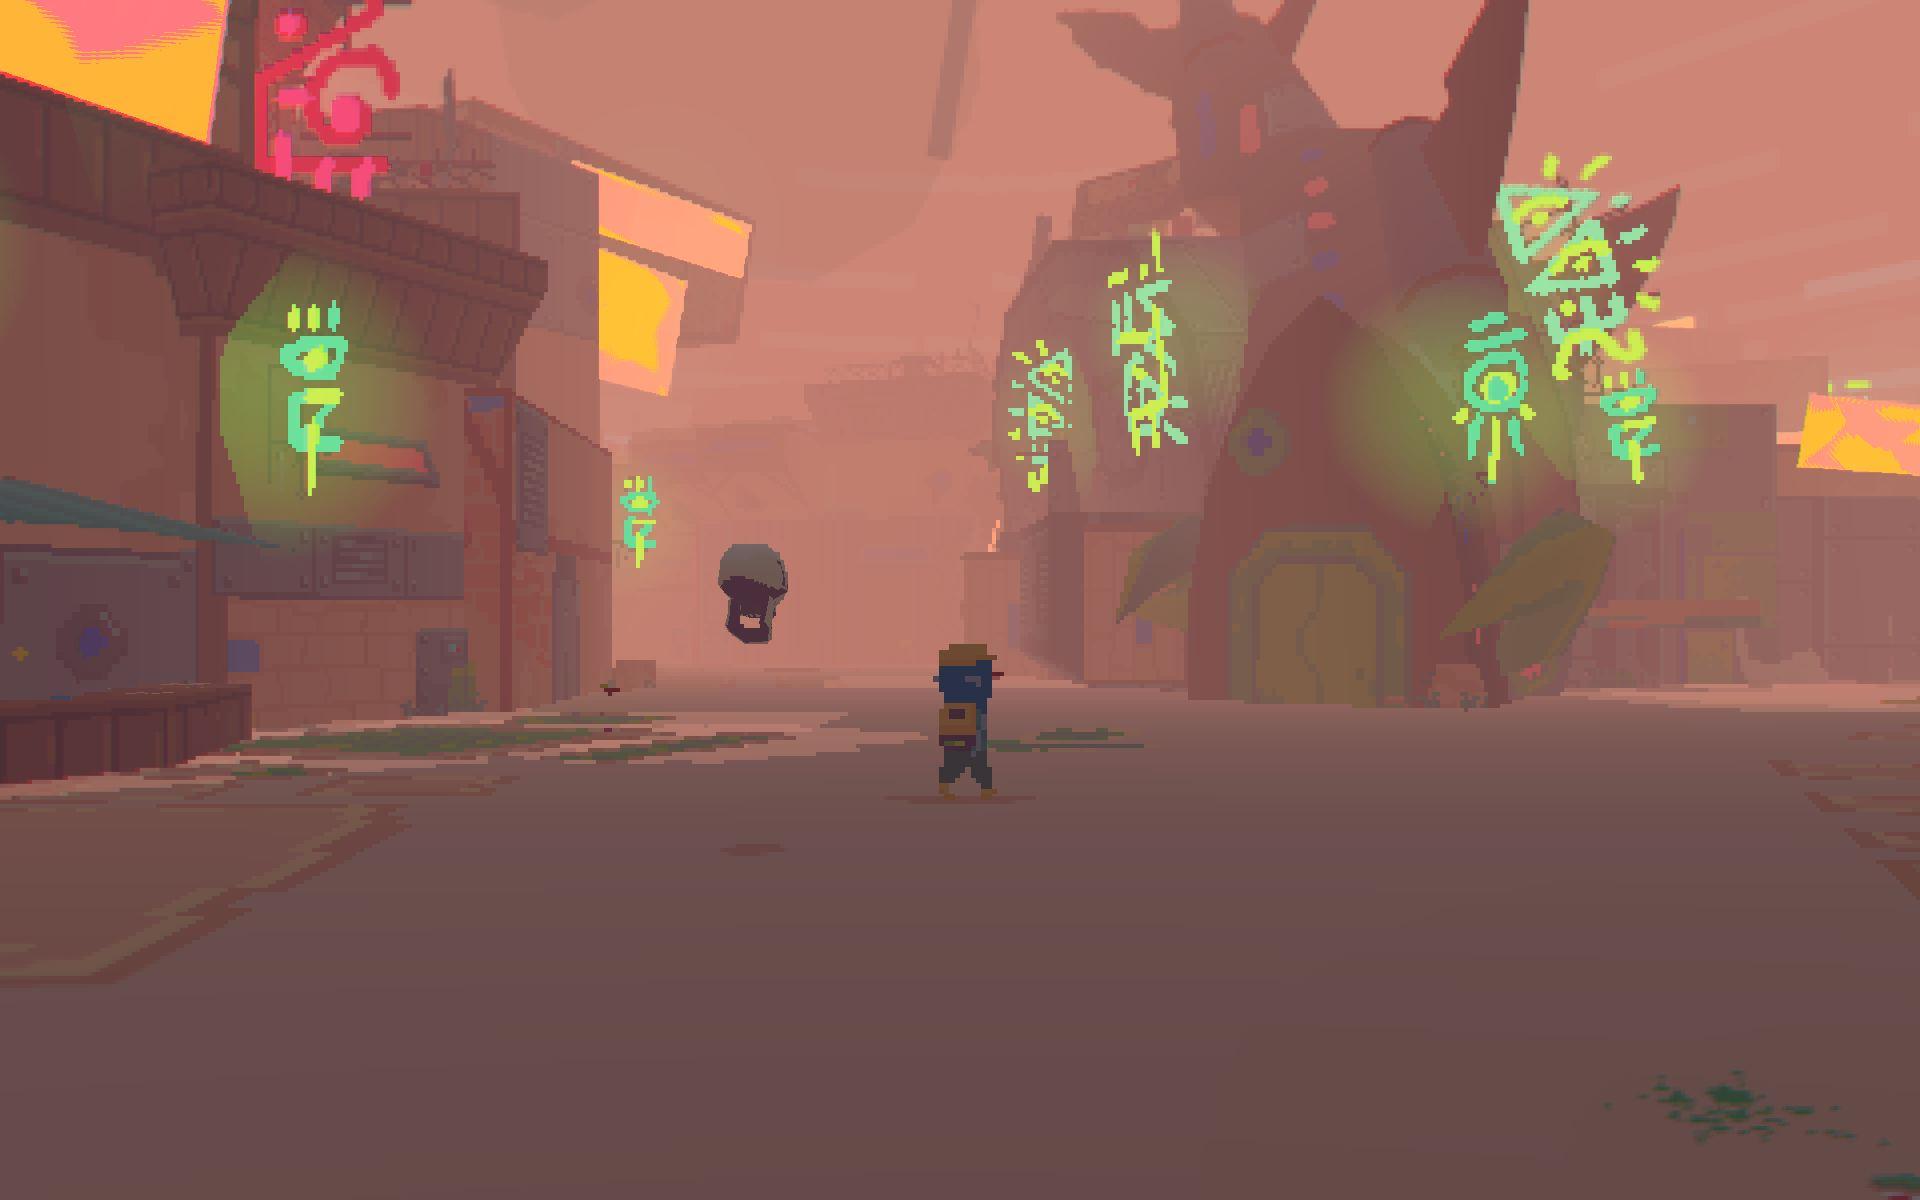 так выглядит город в игре